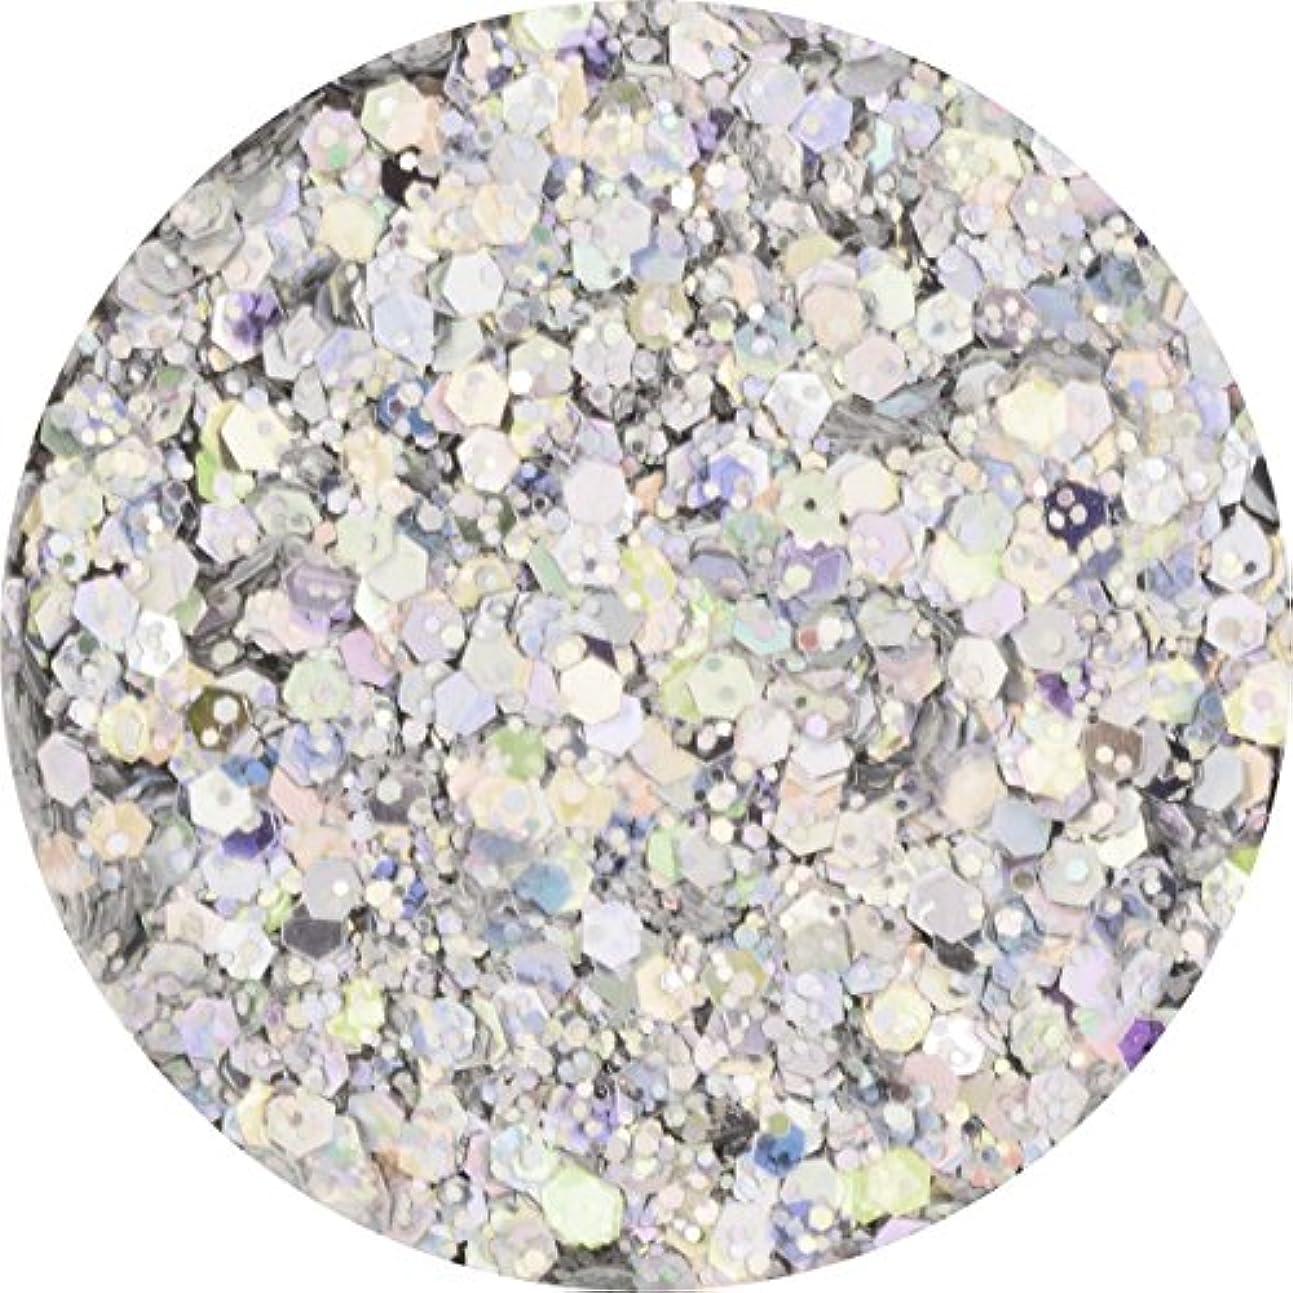 前売部屋を掃除する未接続ラメホロ ミックス [ラメ&ホログラム1mm]mix 選べる12色 (10.シルバー)